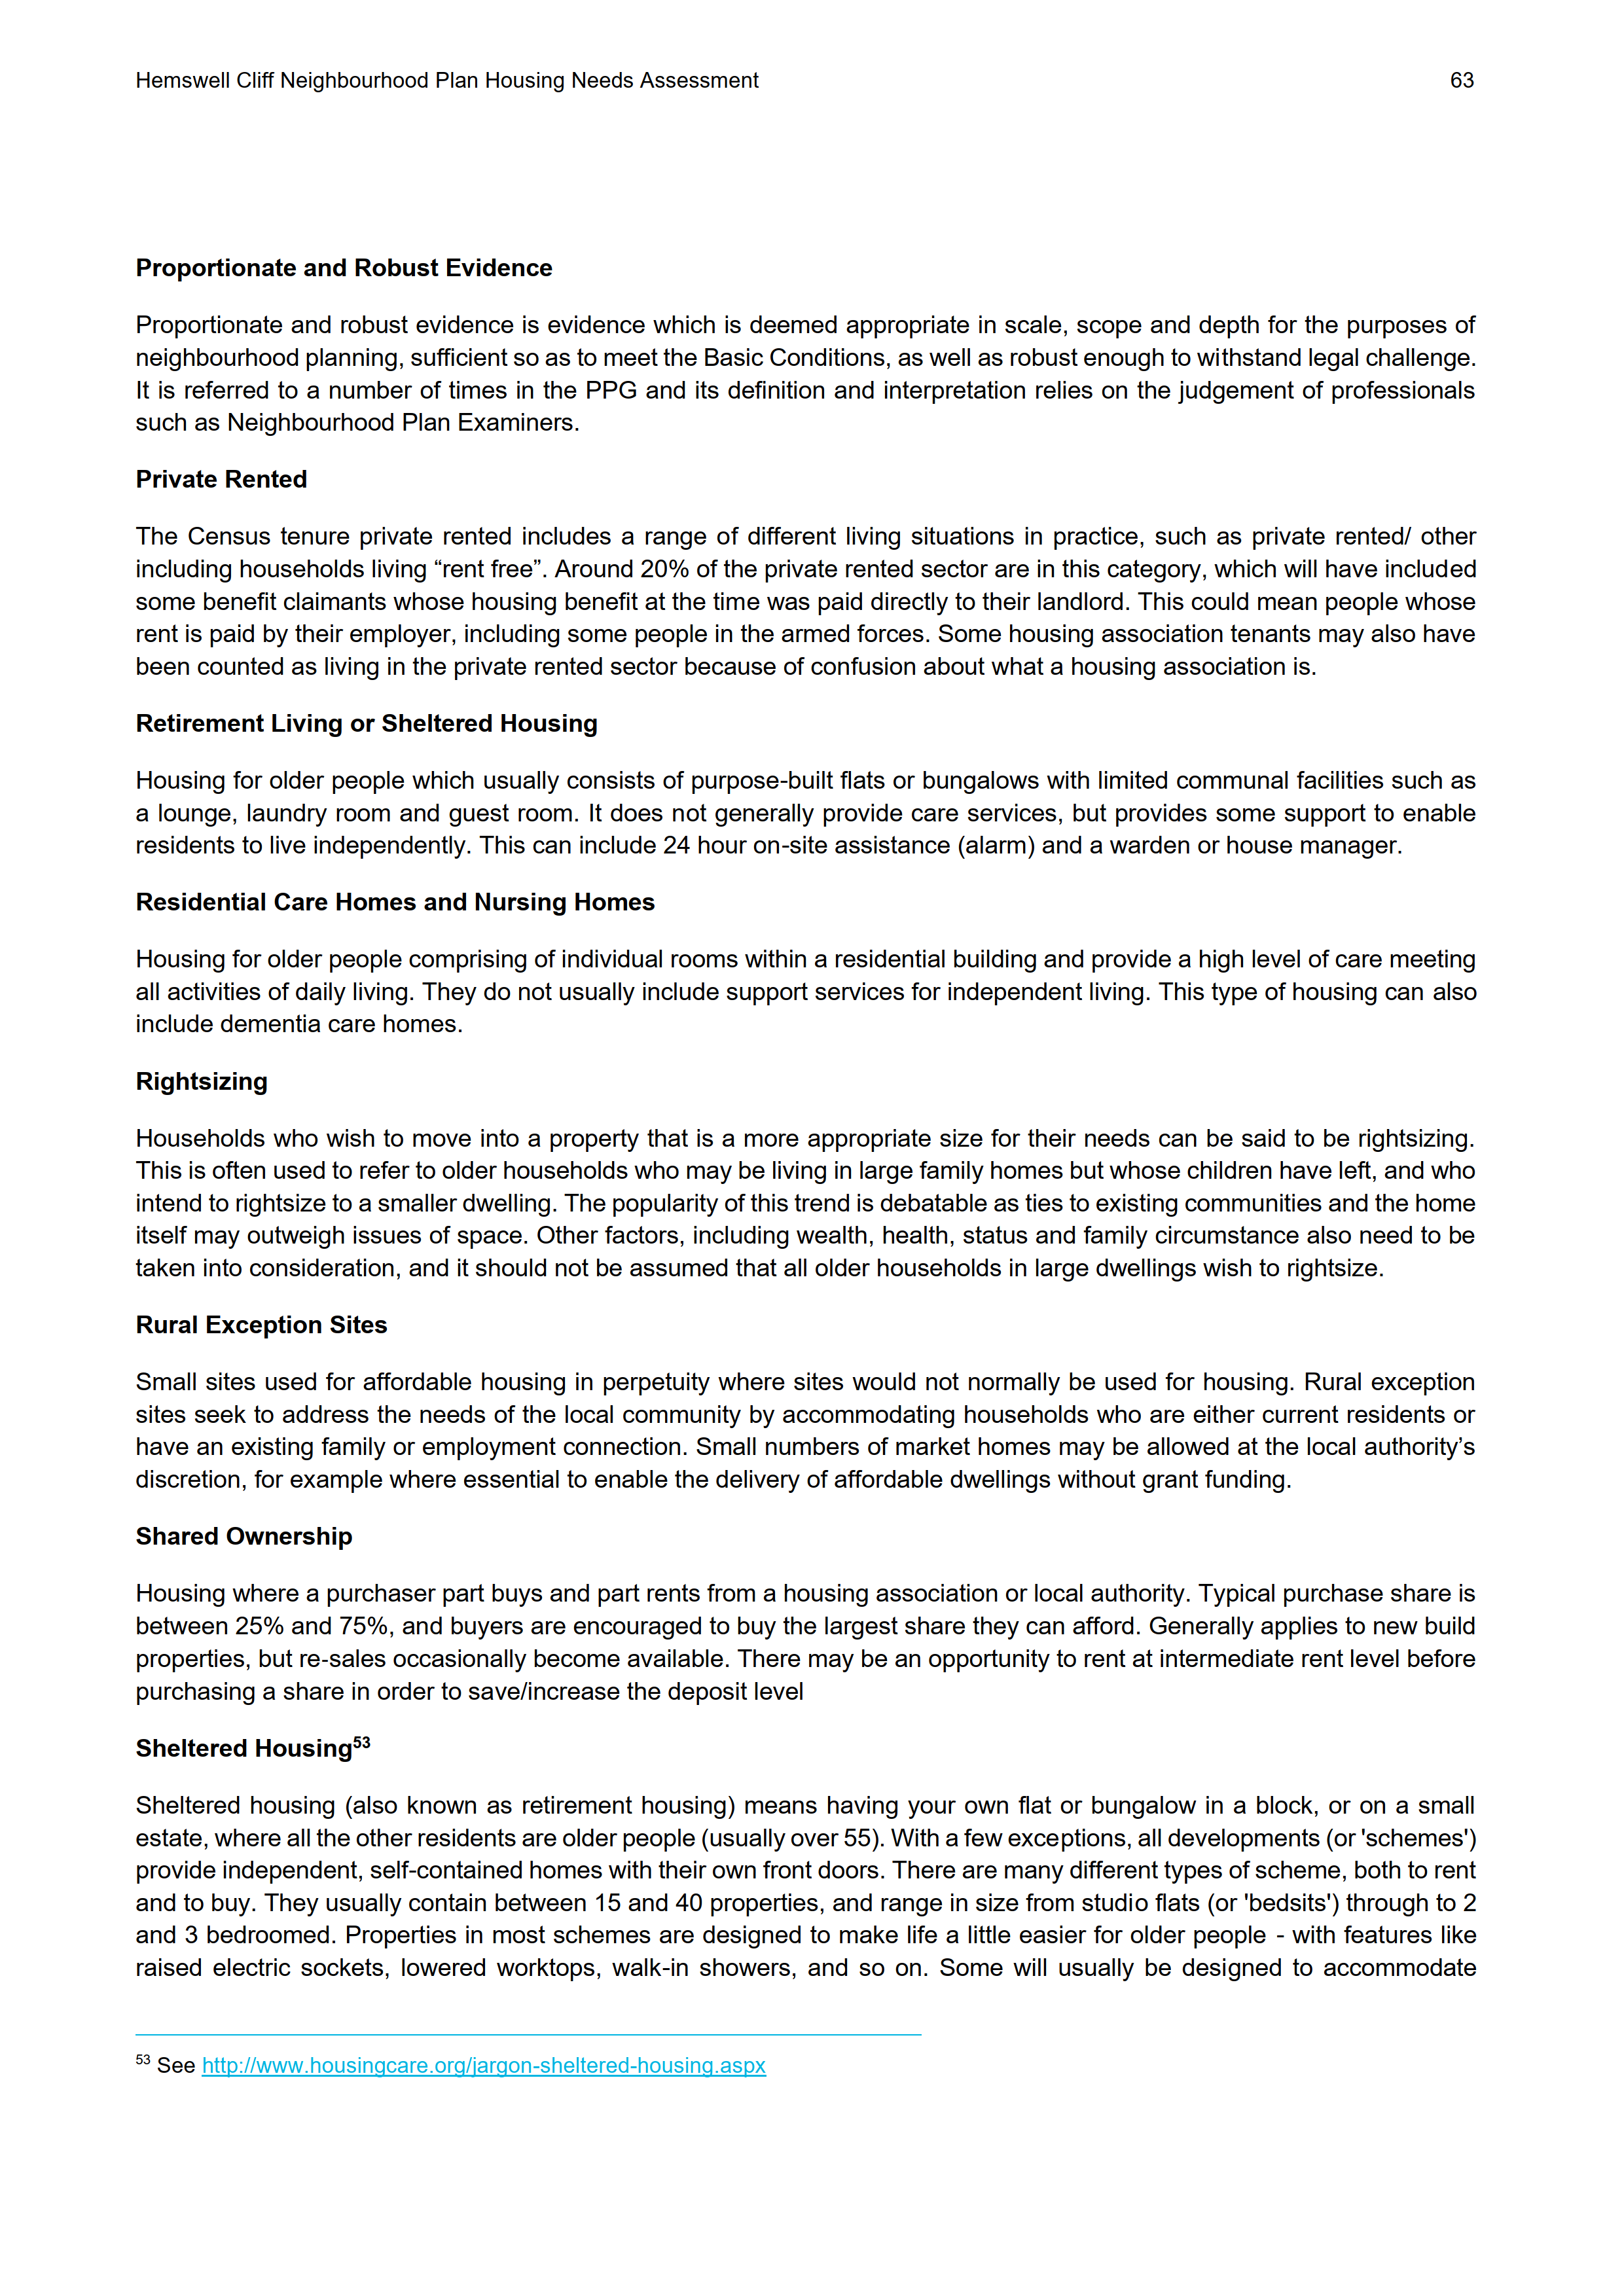 Hemswell_Cliff_Housing_Needs_Assessment_Final_63.png